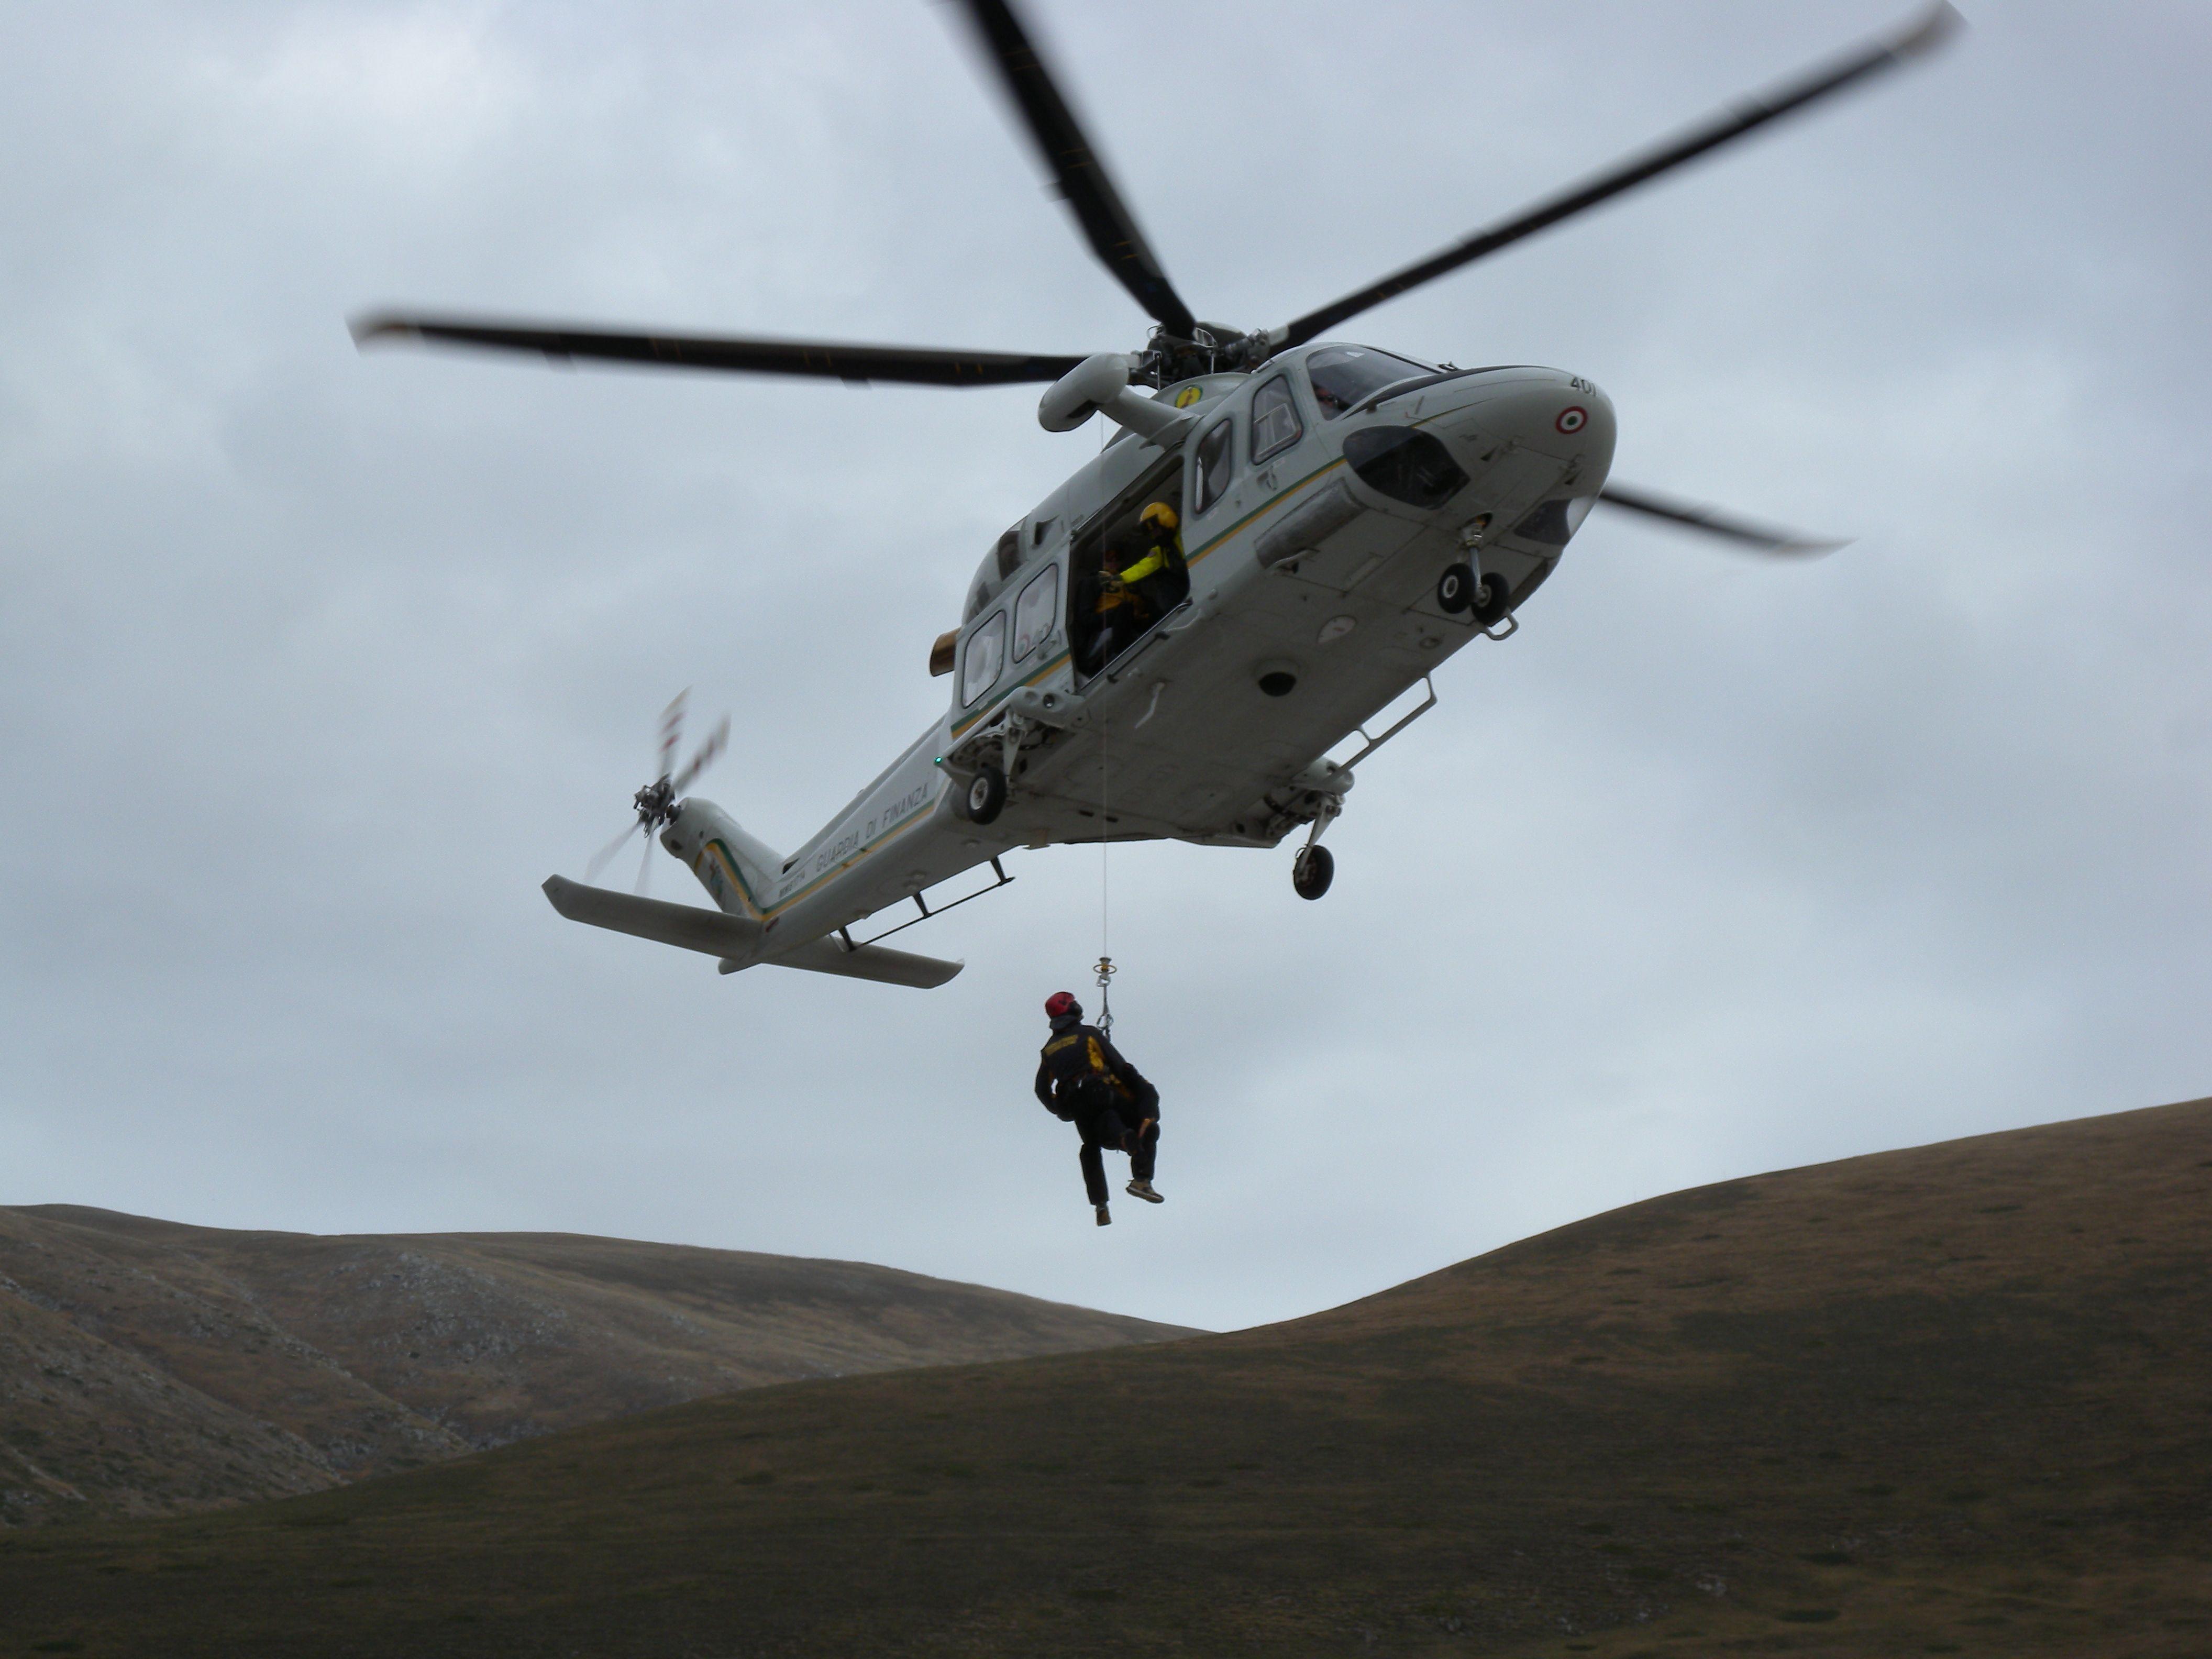 Escursionista tratto in salvo dal Soccorso Alpino della Guardia di Finanza con elicottero del Corpo Volpe 115